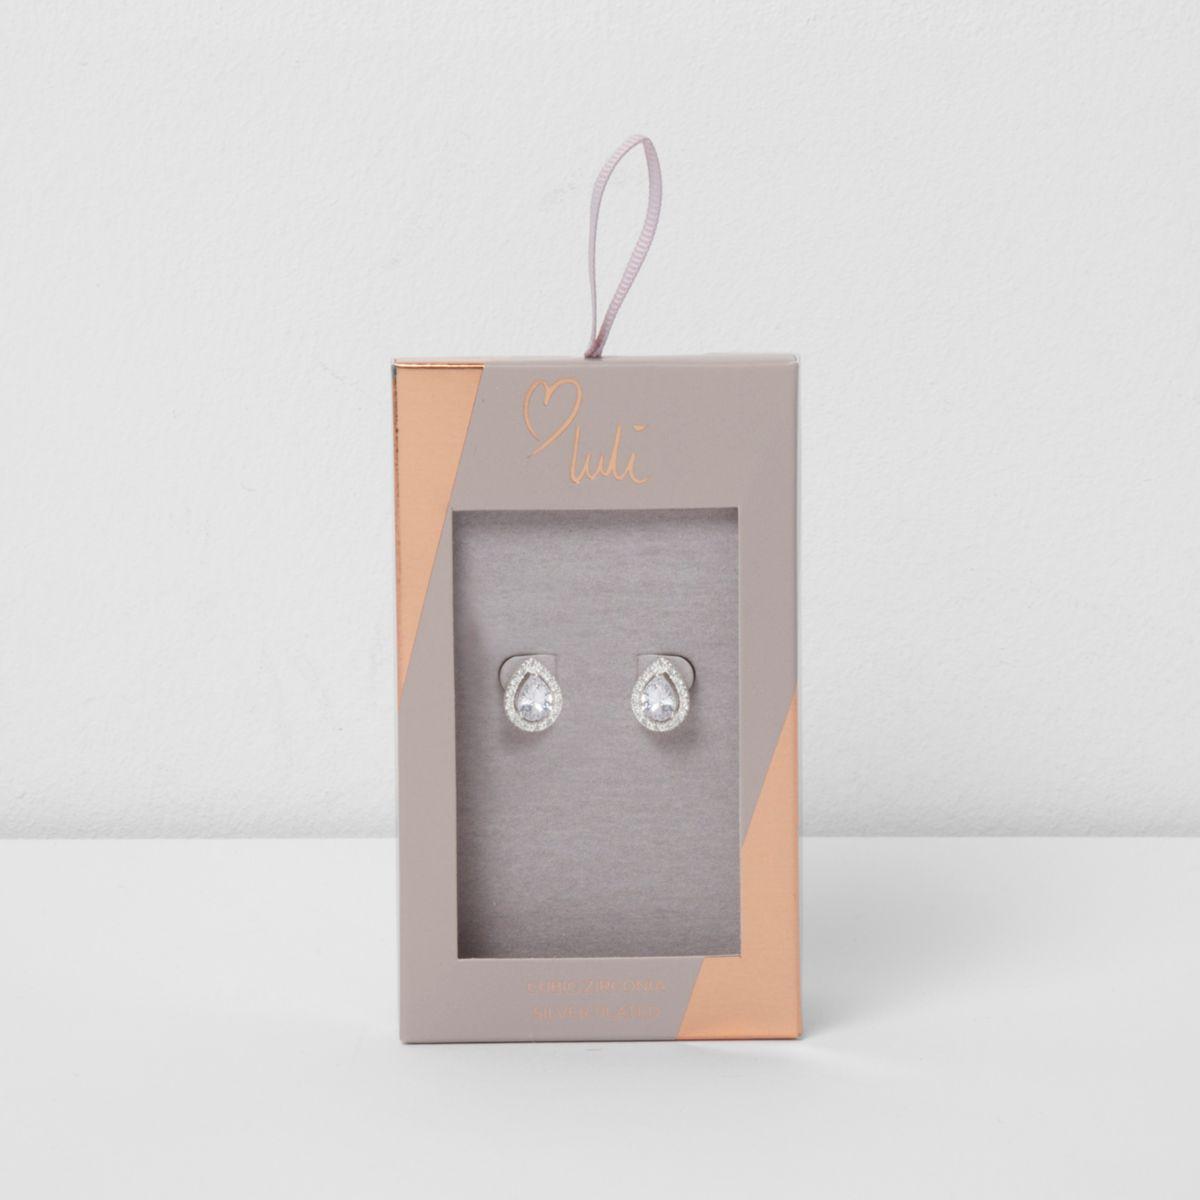 Silver plated Love Luli teardrop earrings